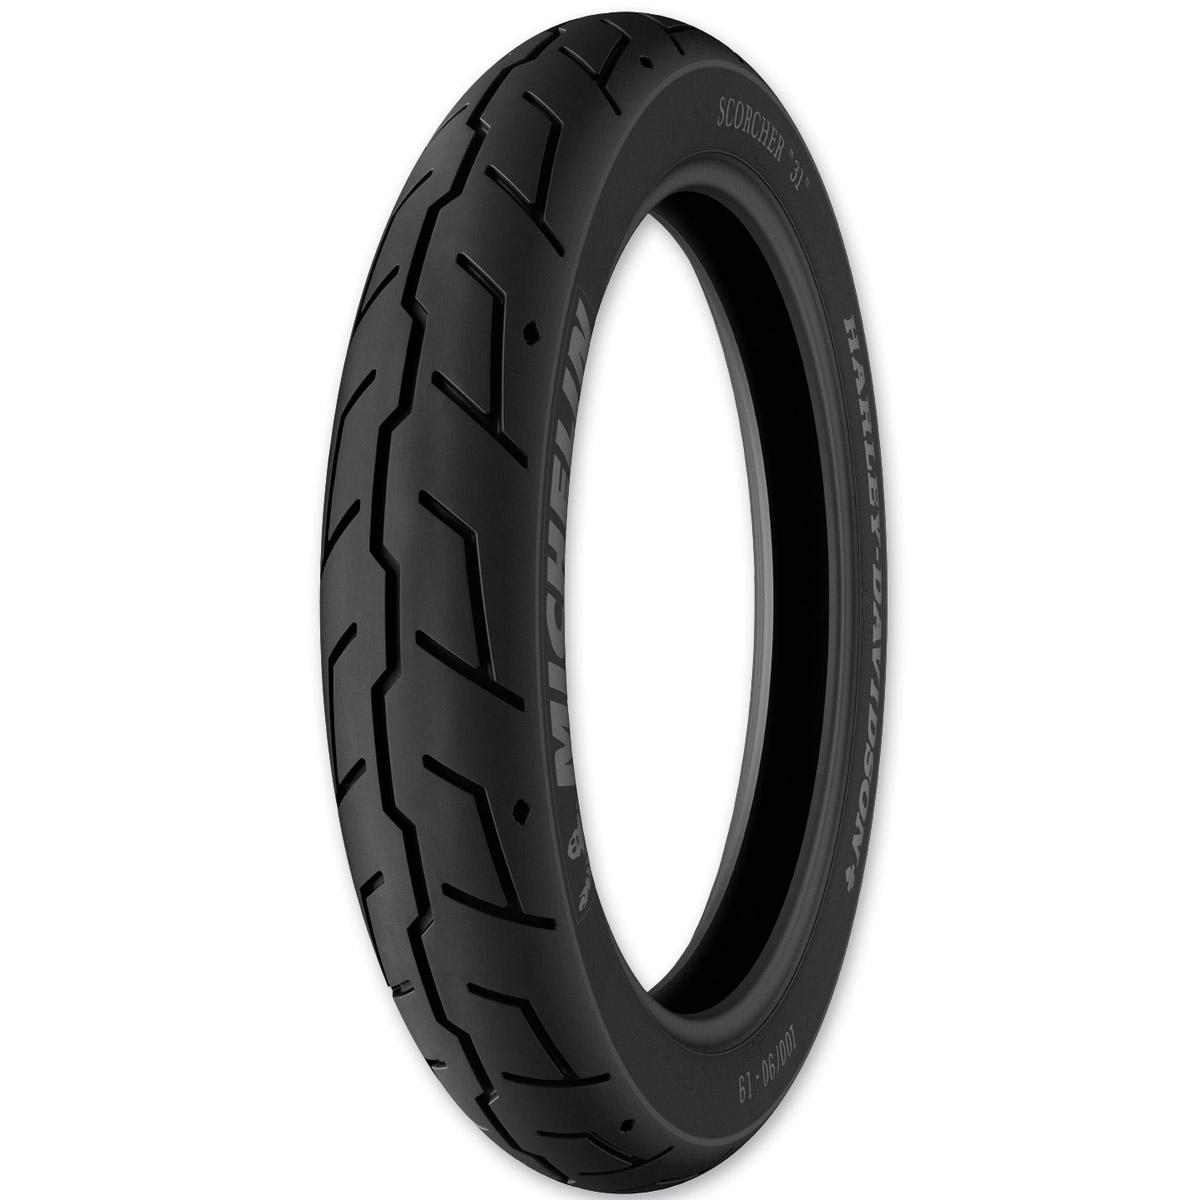 Michelin Scorcher 31 100/90B19 Front Tire